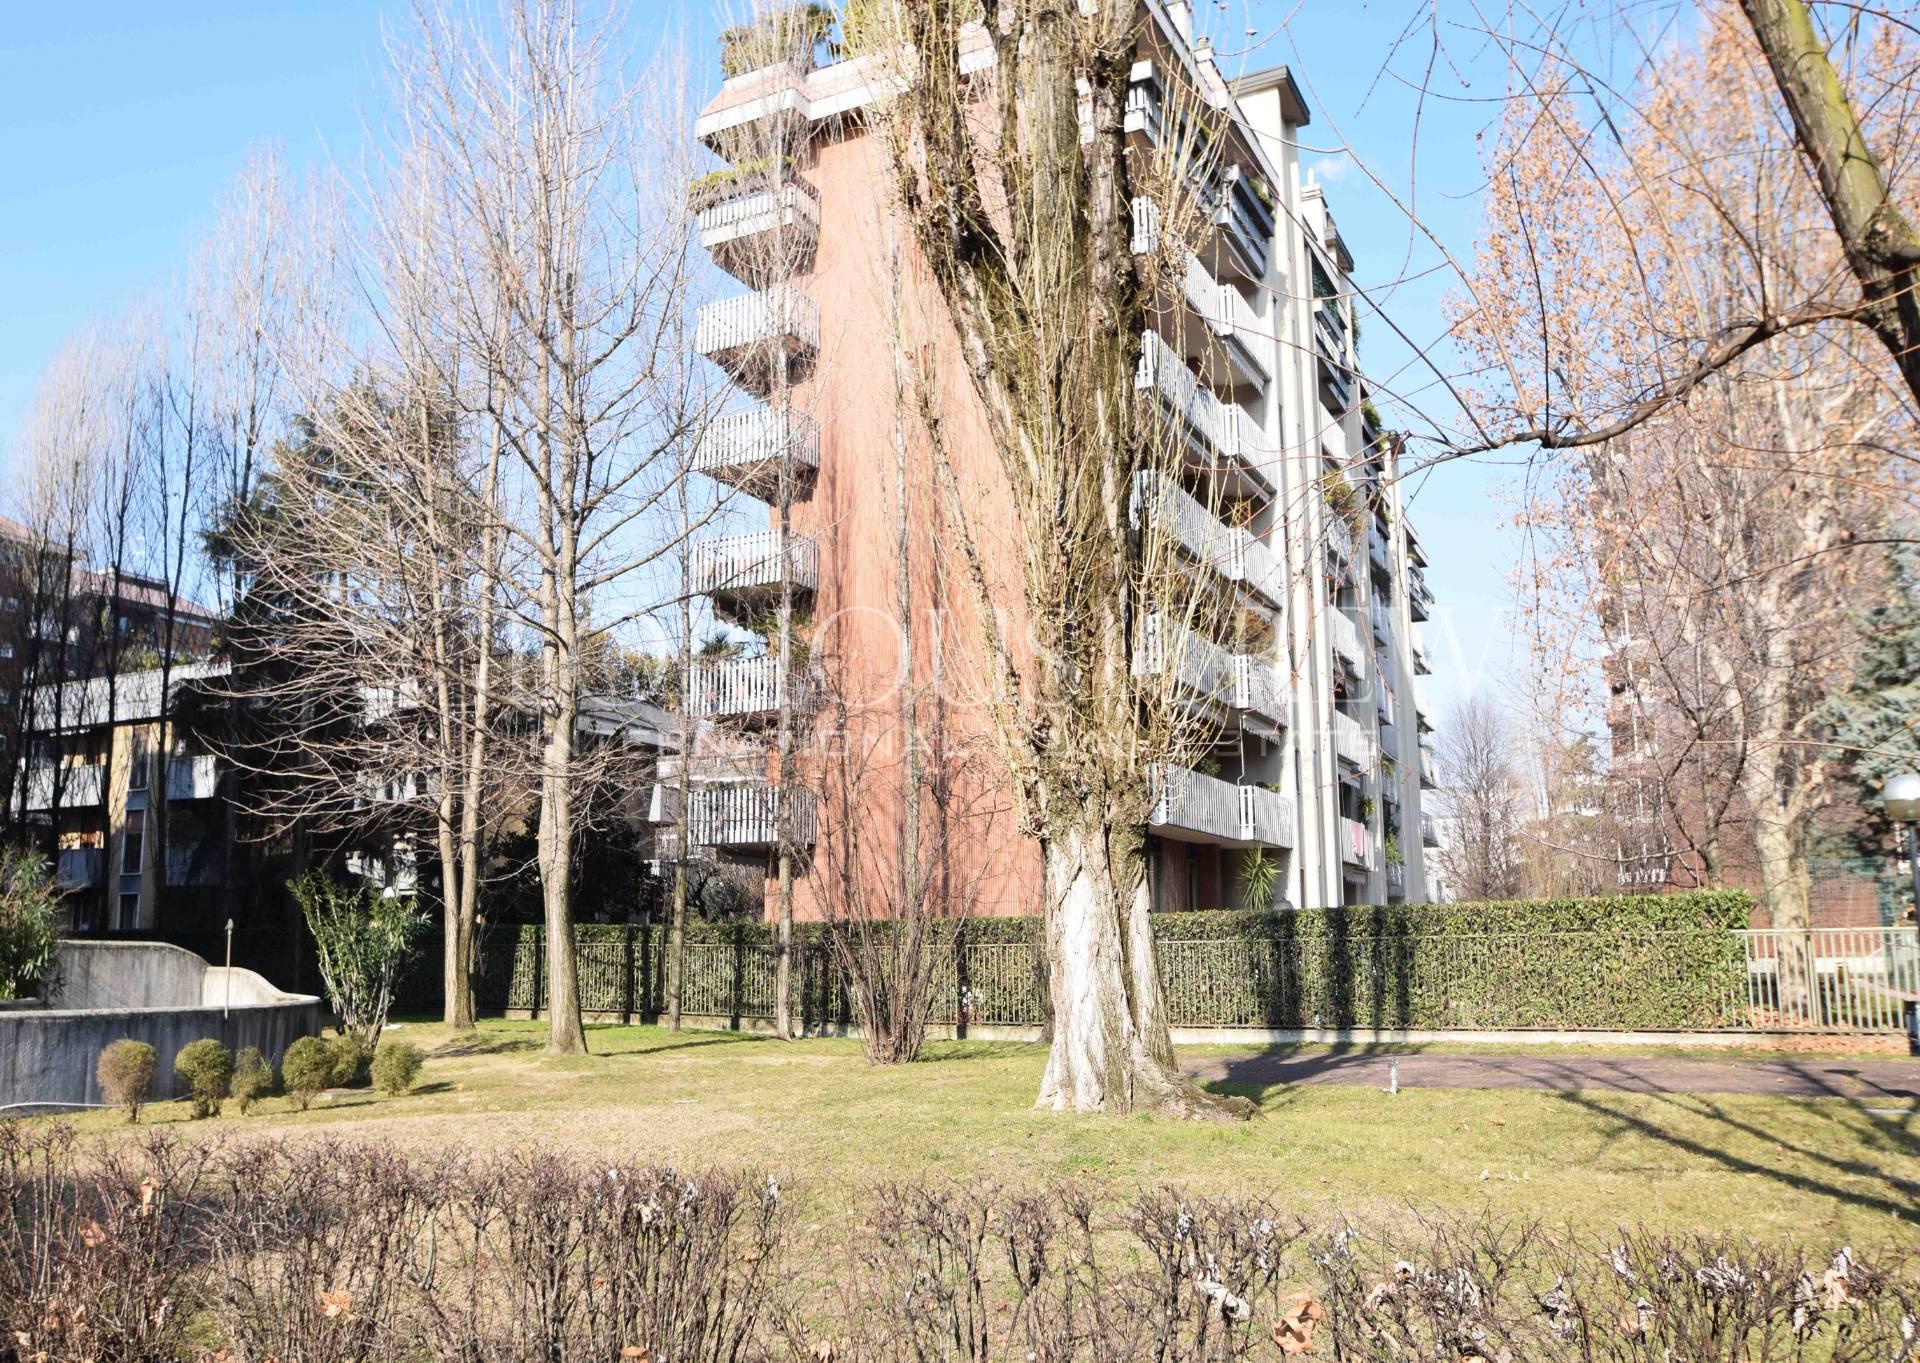 Appartamento in Vendita a Milano 25 Cassala / Famagosta / Lorenteggio / Barona: 1 locali, 28 mq